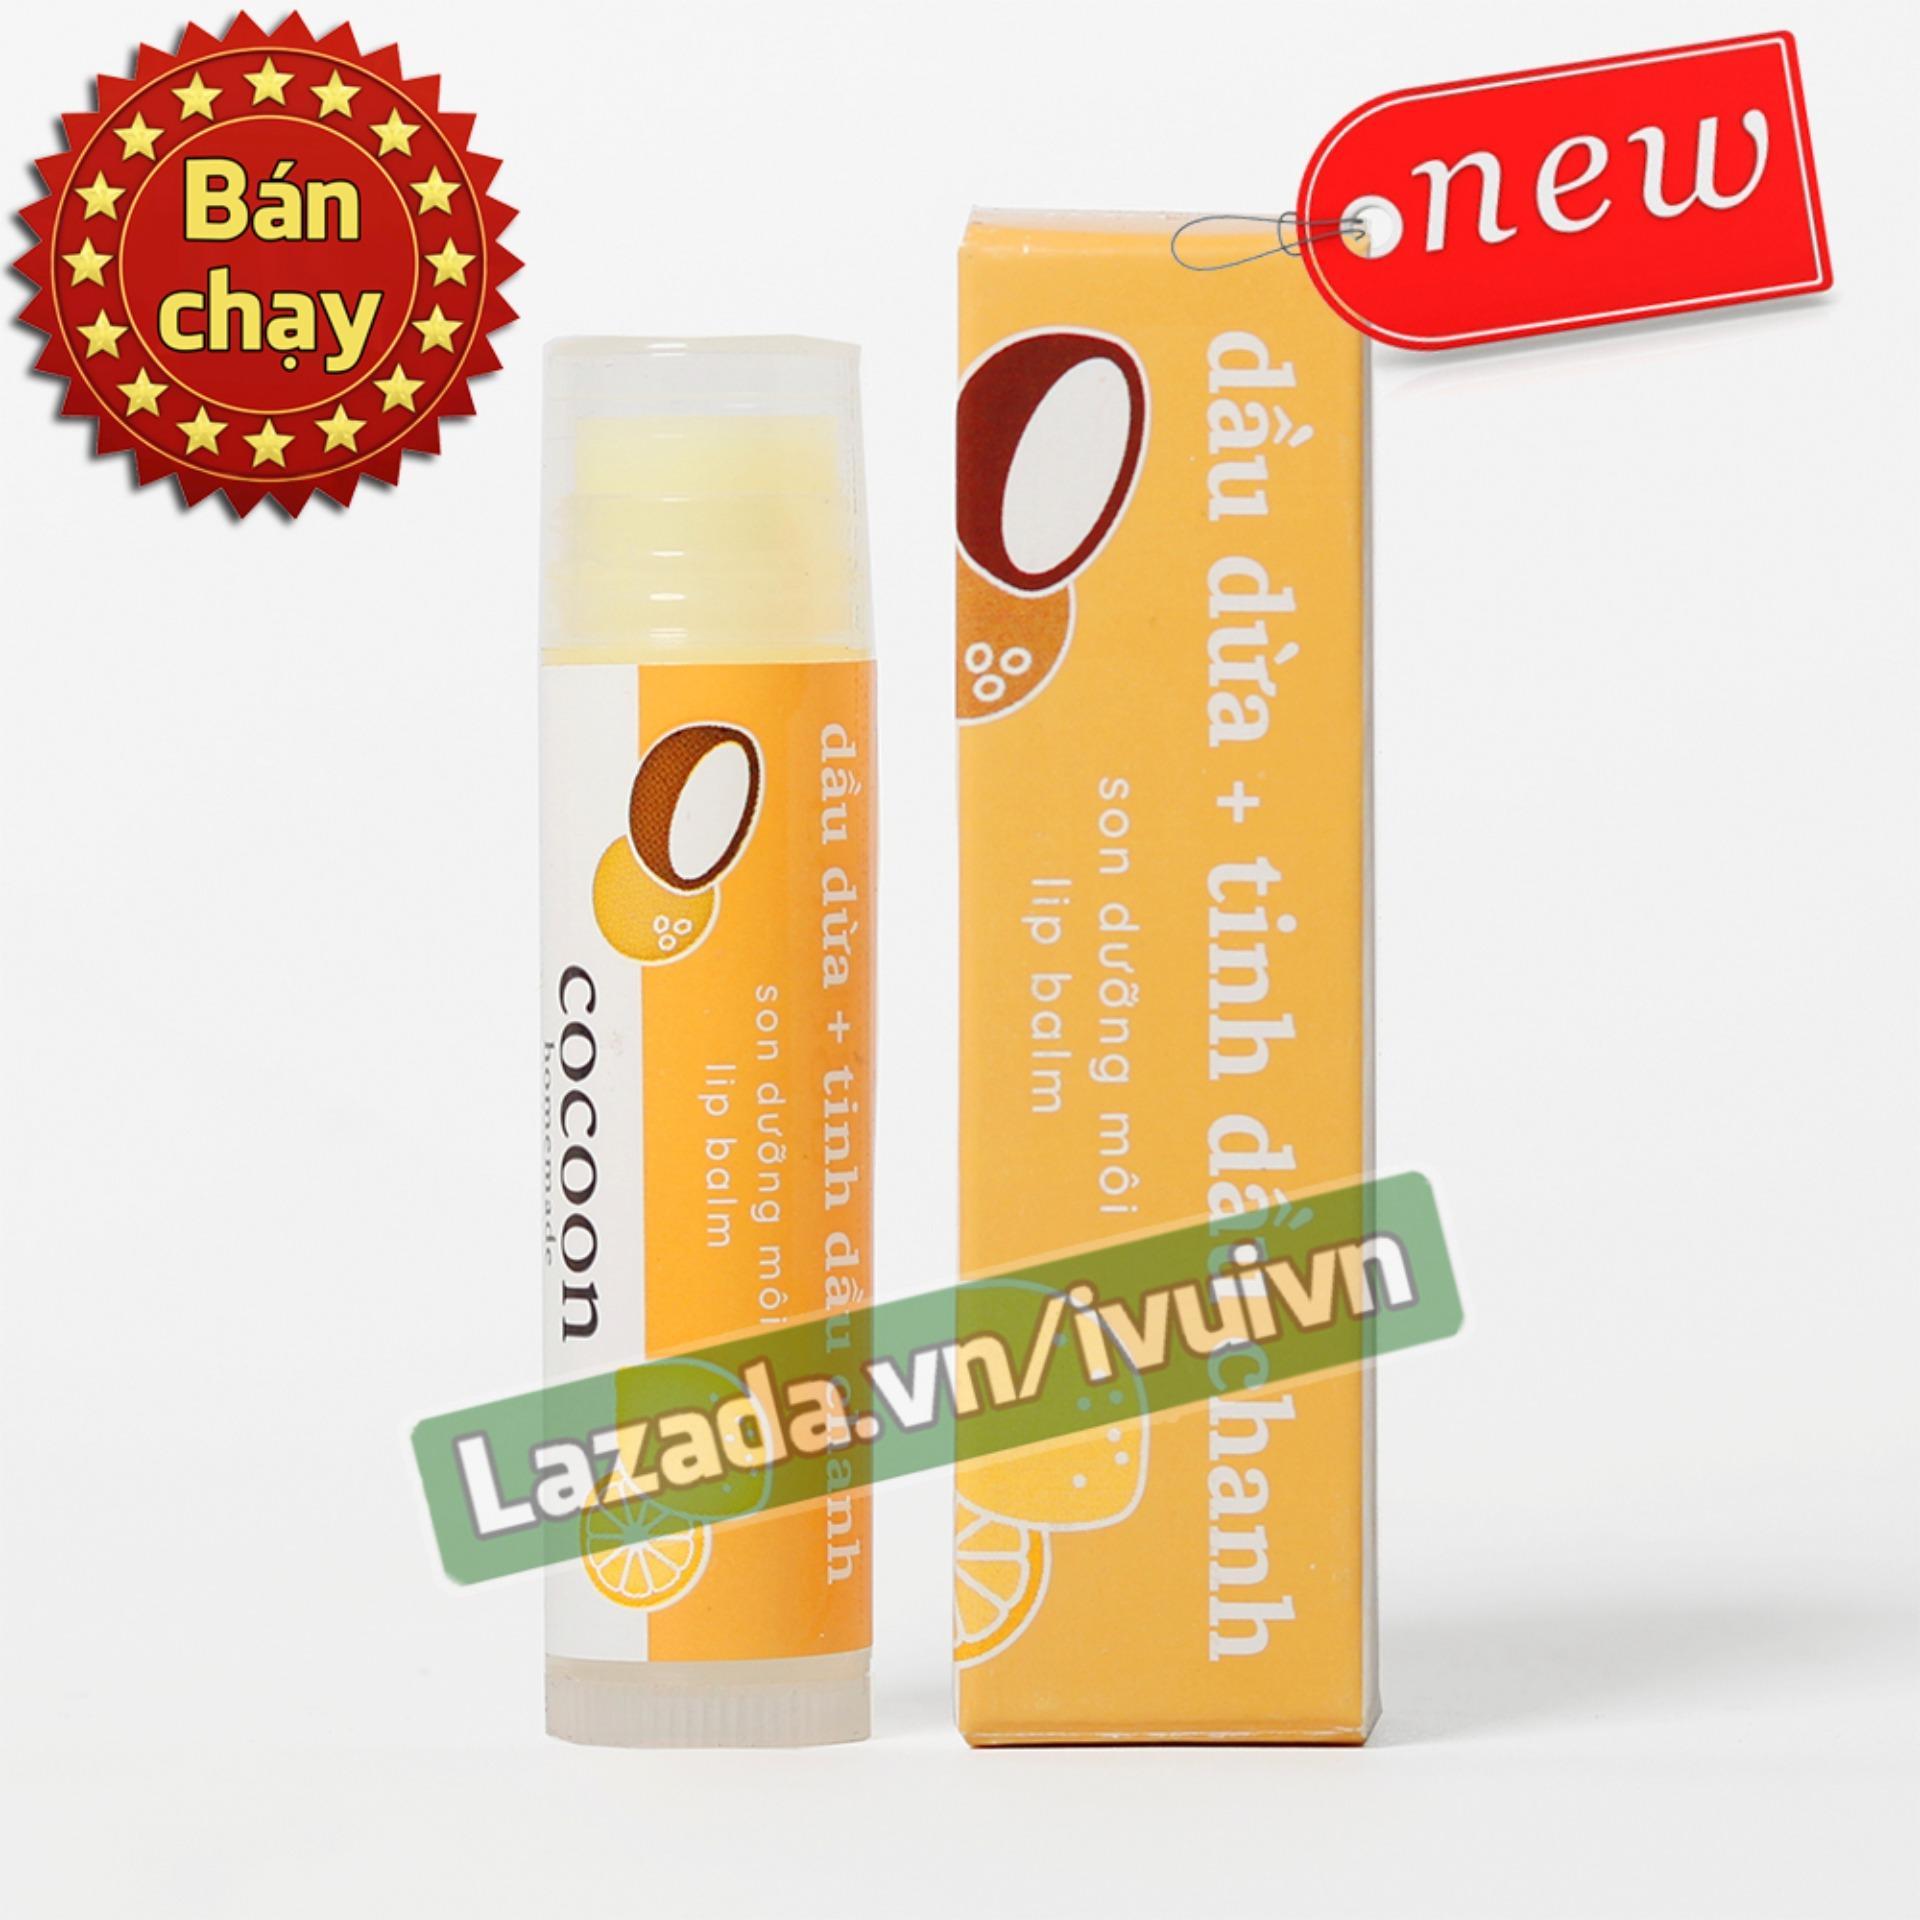 Son dưỡng môi Lip Care Cocoon 100% thiên nhiên